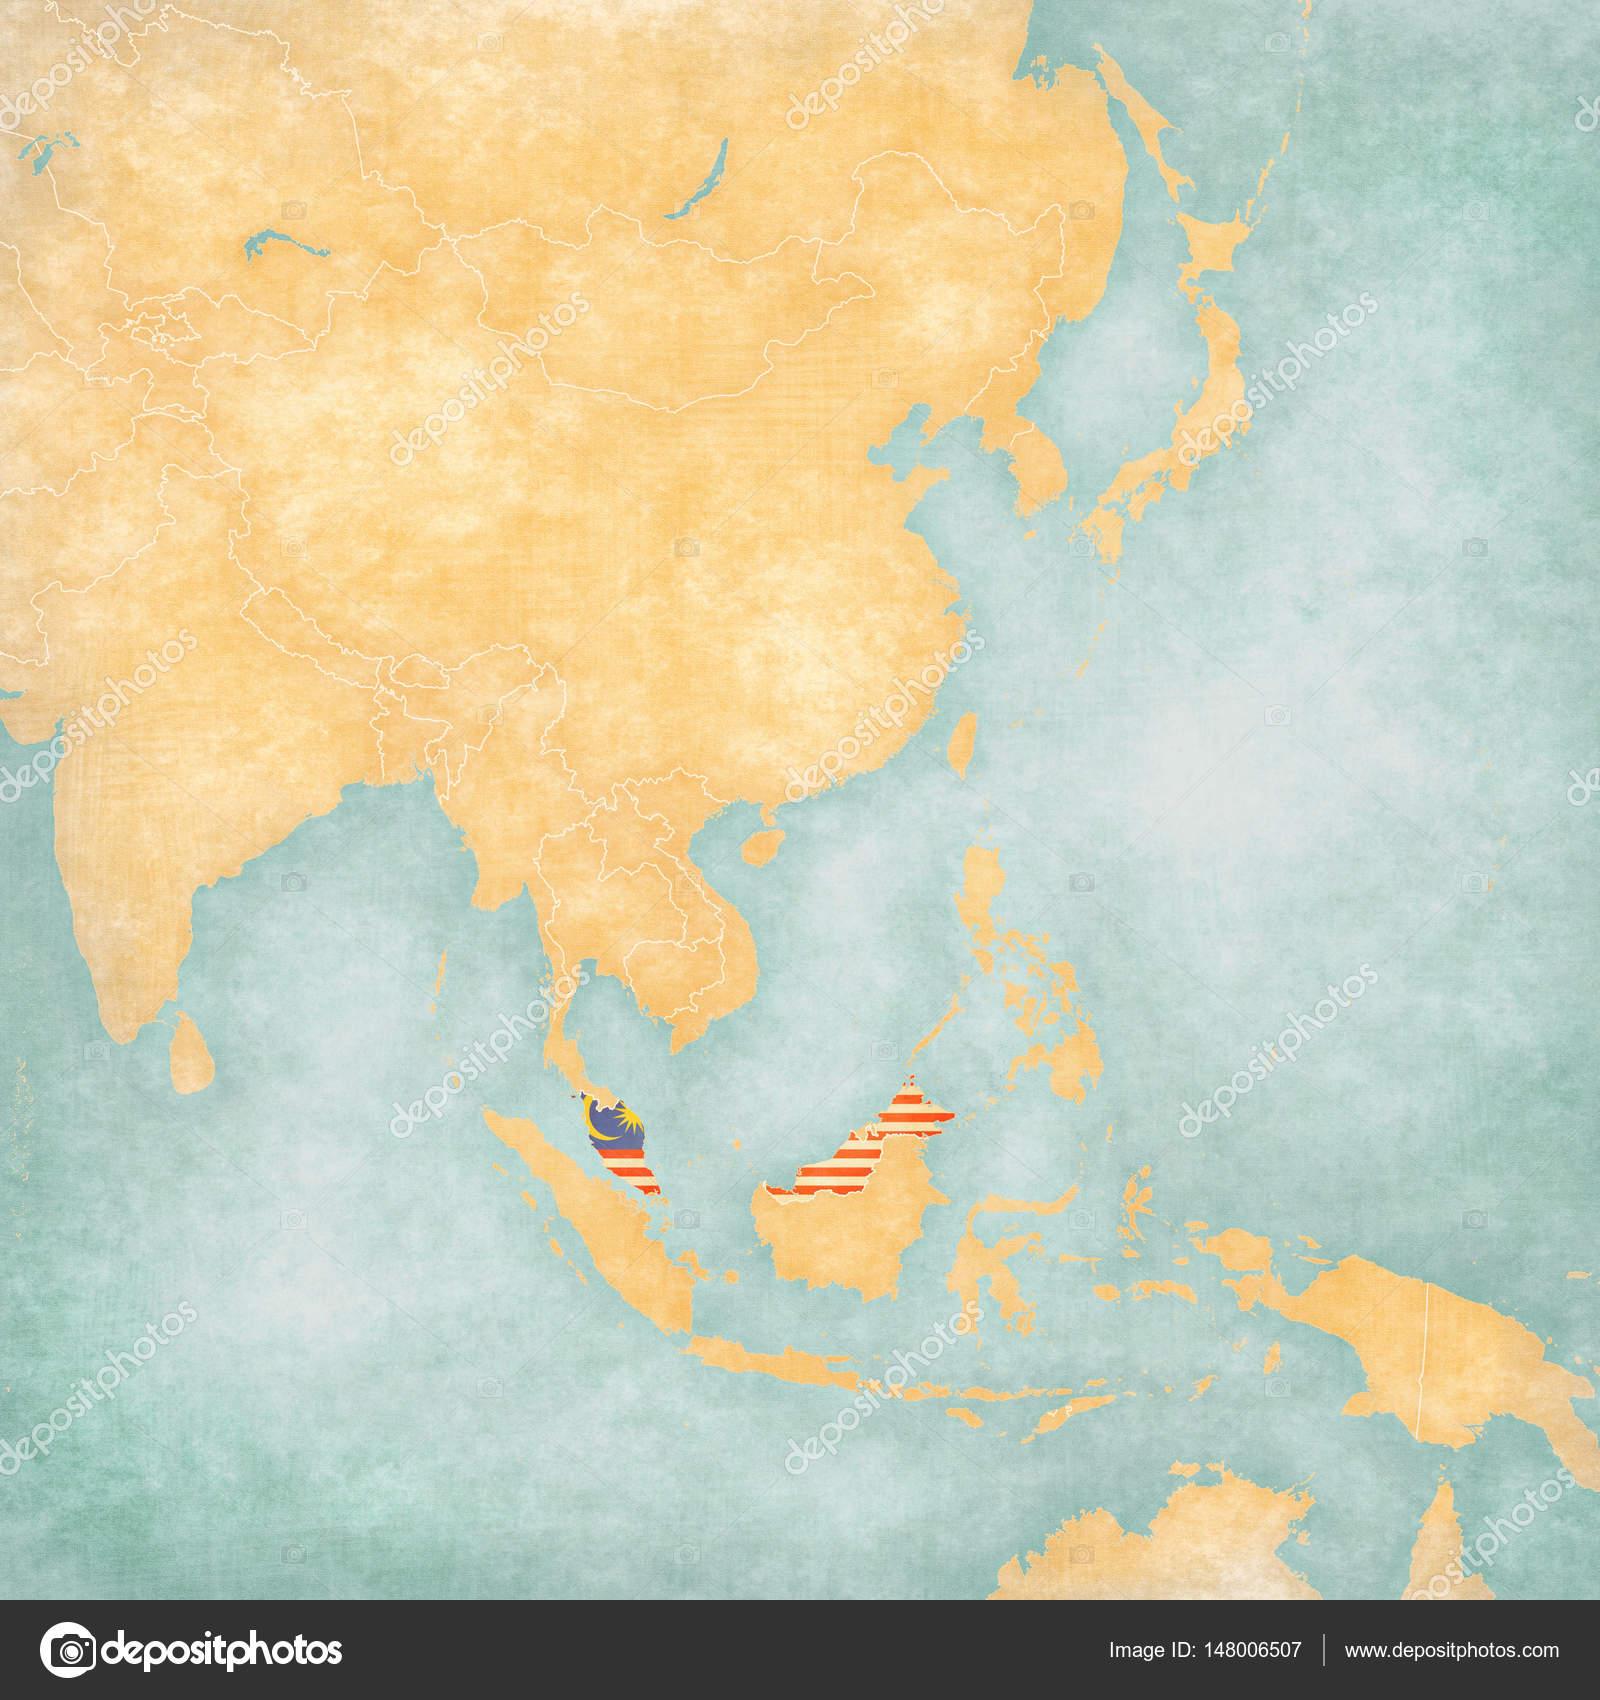 Map Of Asia Malaysia.Map Of East Asia Malaysia Stock Photo C Tindo 148006507